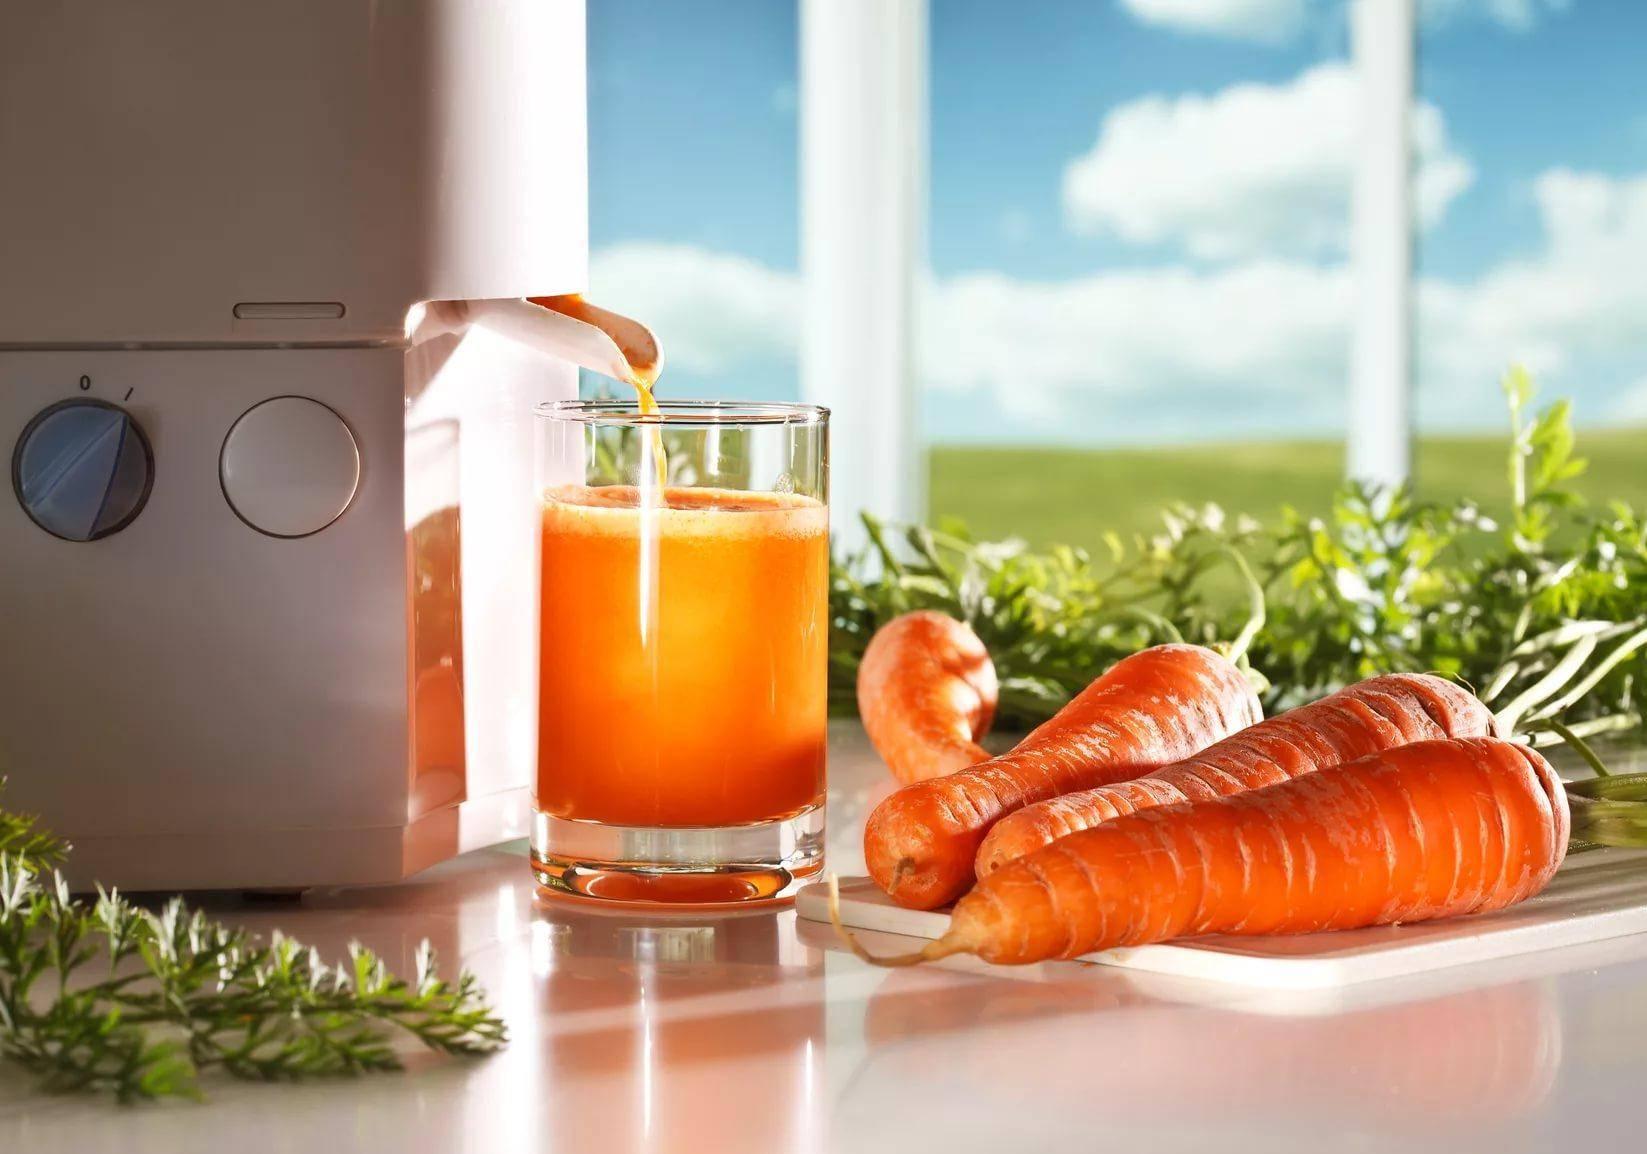 Морковный сок на зиму и не только: пошаговые рецепты напитков из моркови